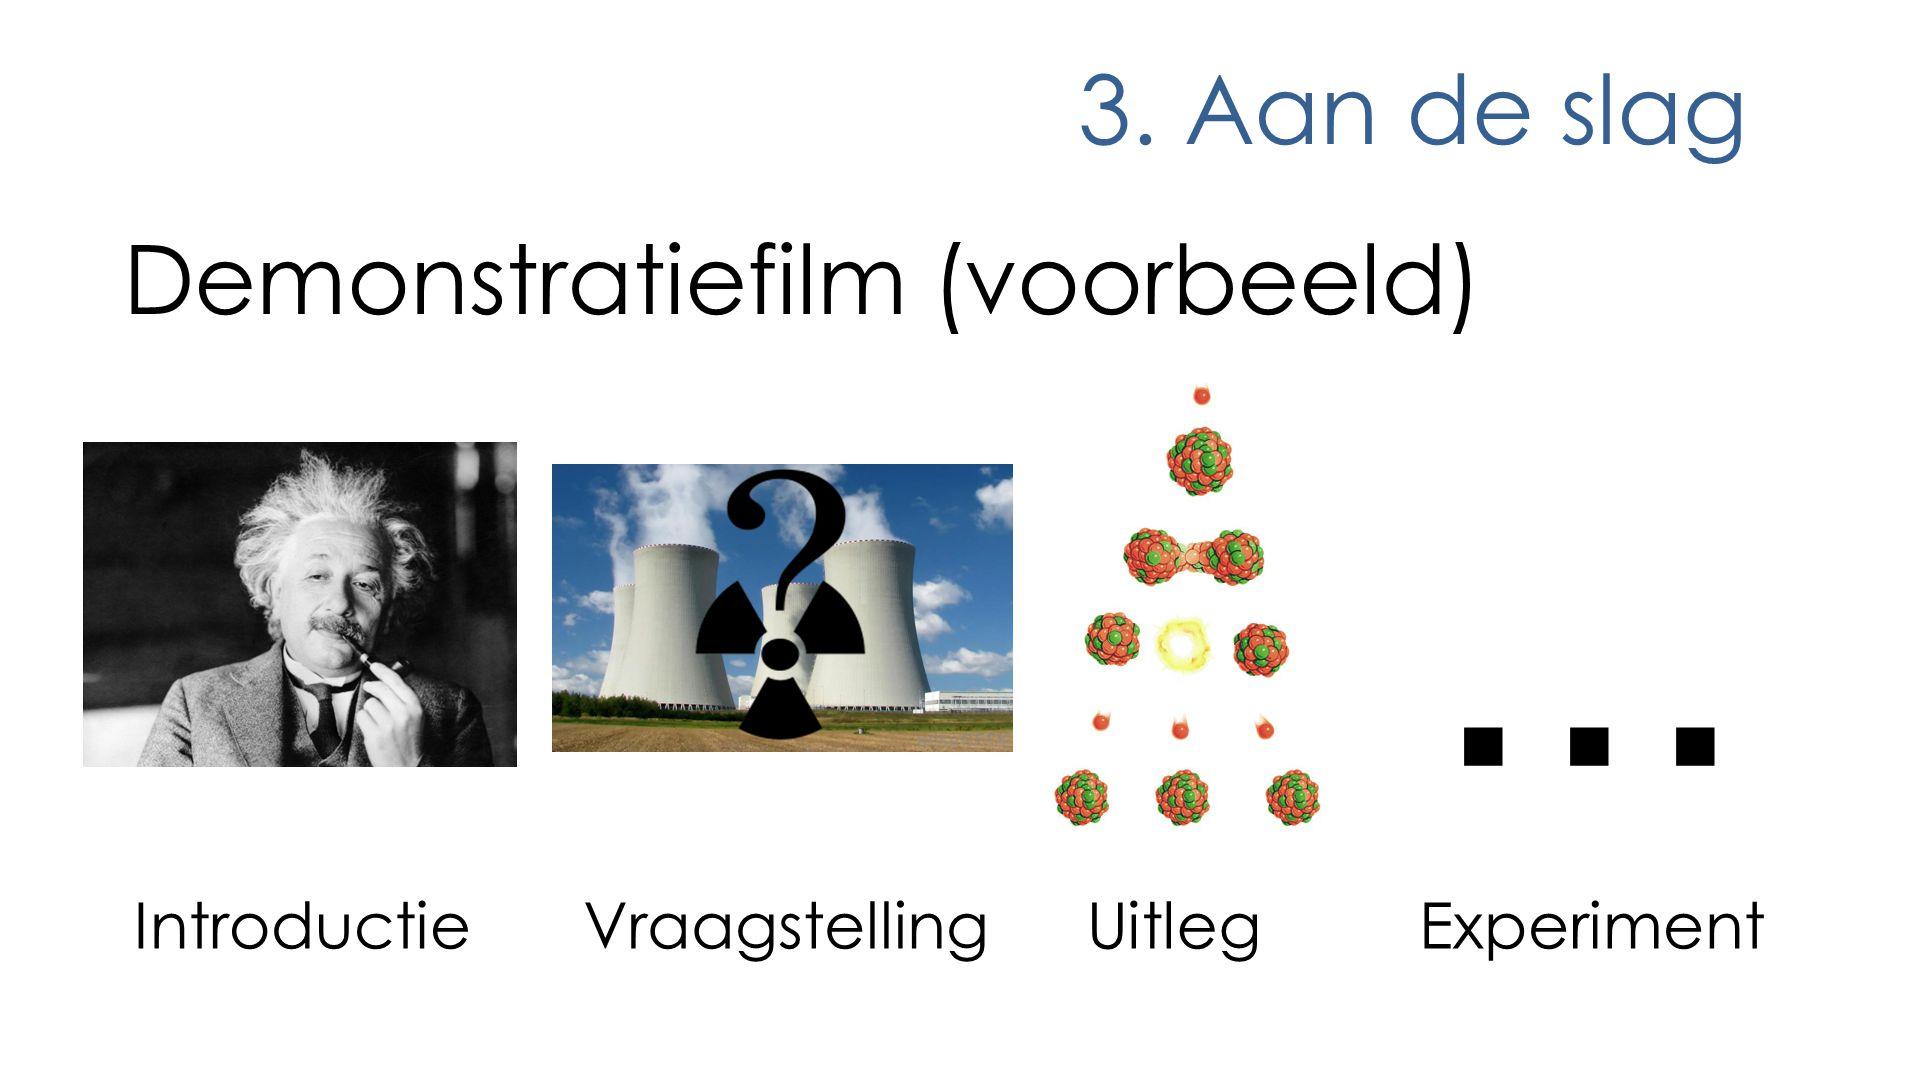 3. Aan de slag Demonstratiefilm (voorbeeld) IntroductieUitlegExperiment ?... Vraagstelling